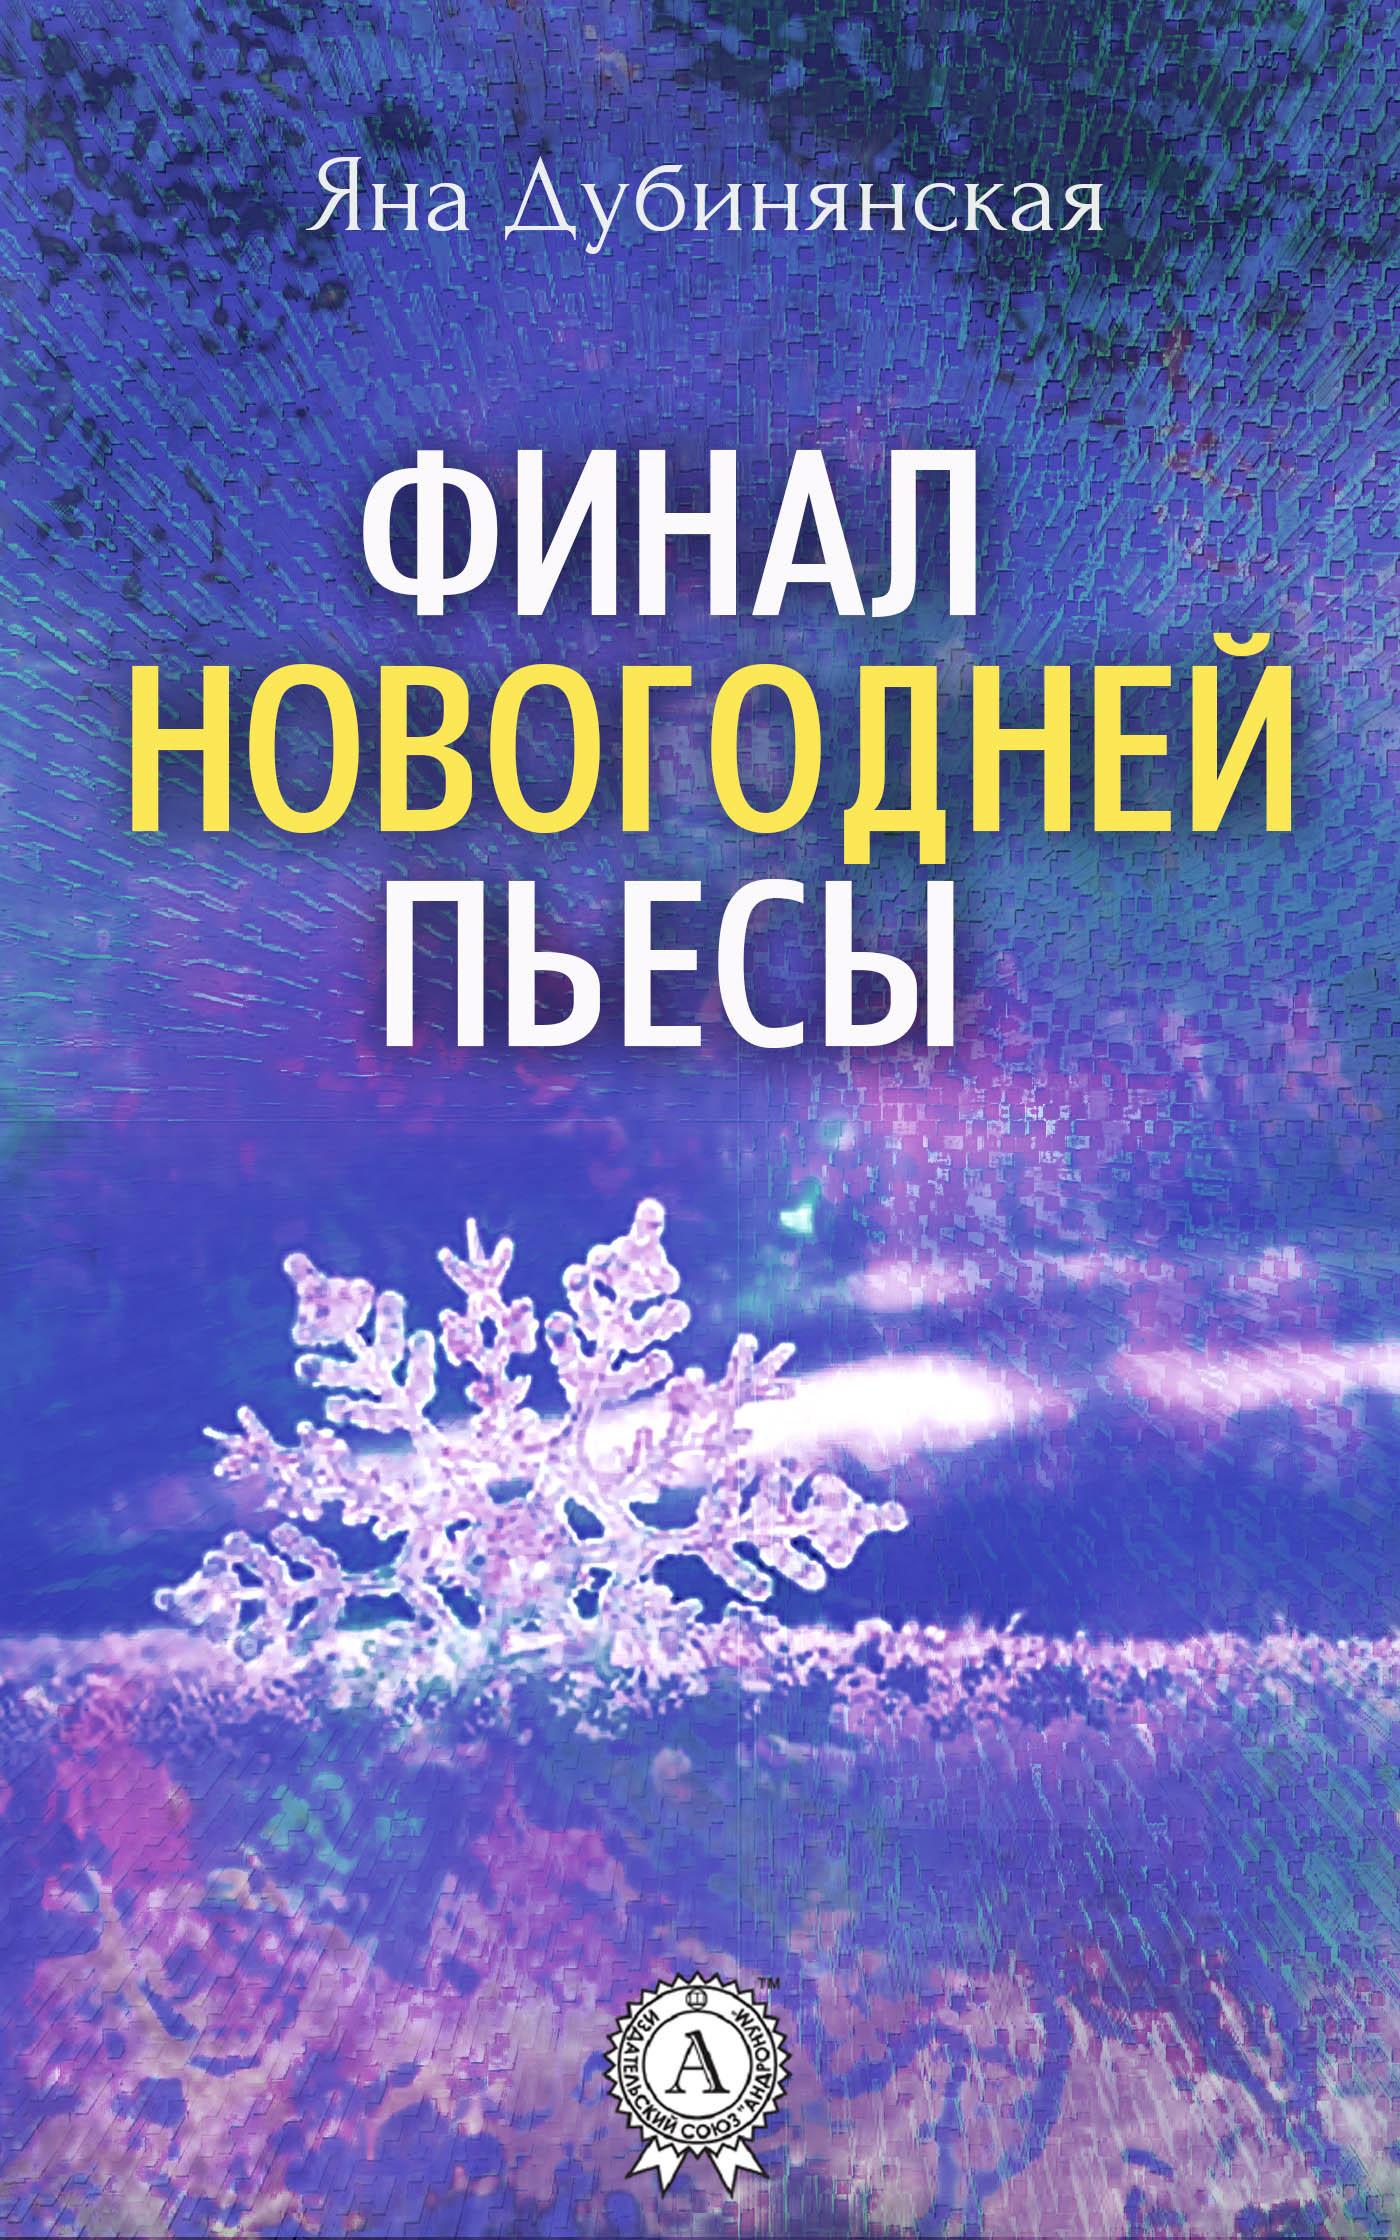 Яна Дубинянская Финал новогодней пьесы билеты на квн финал 19 12 09